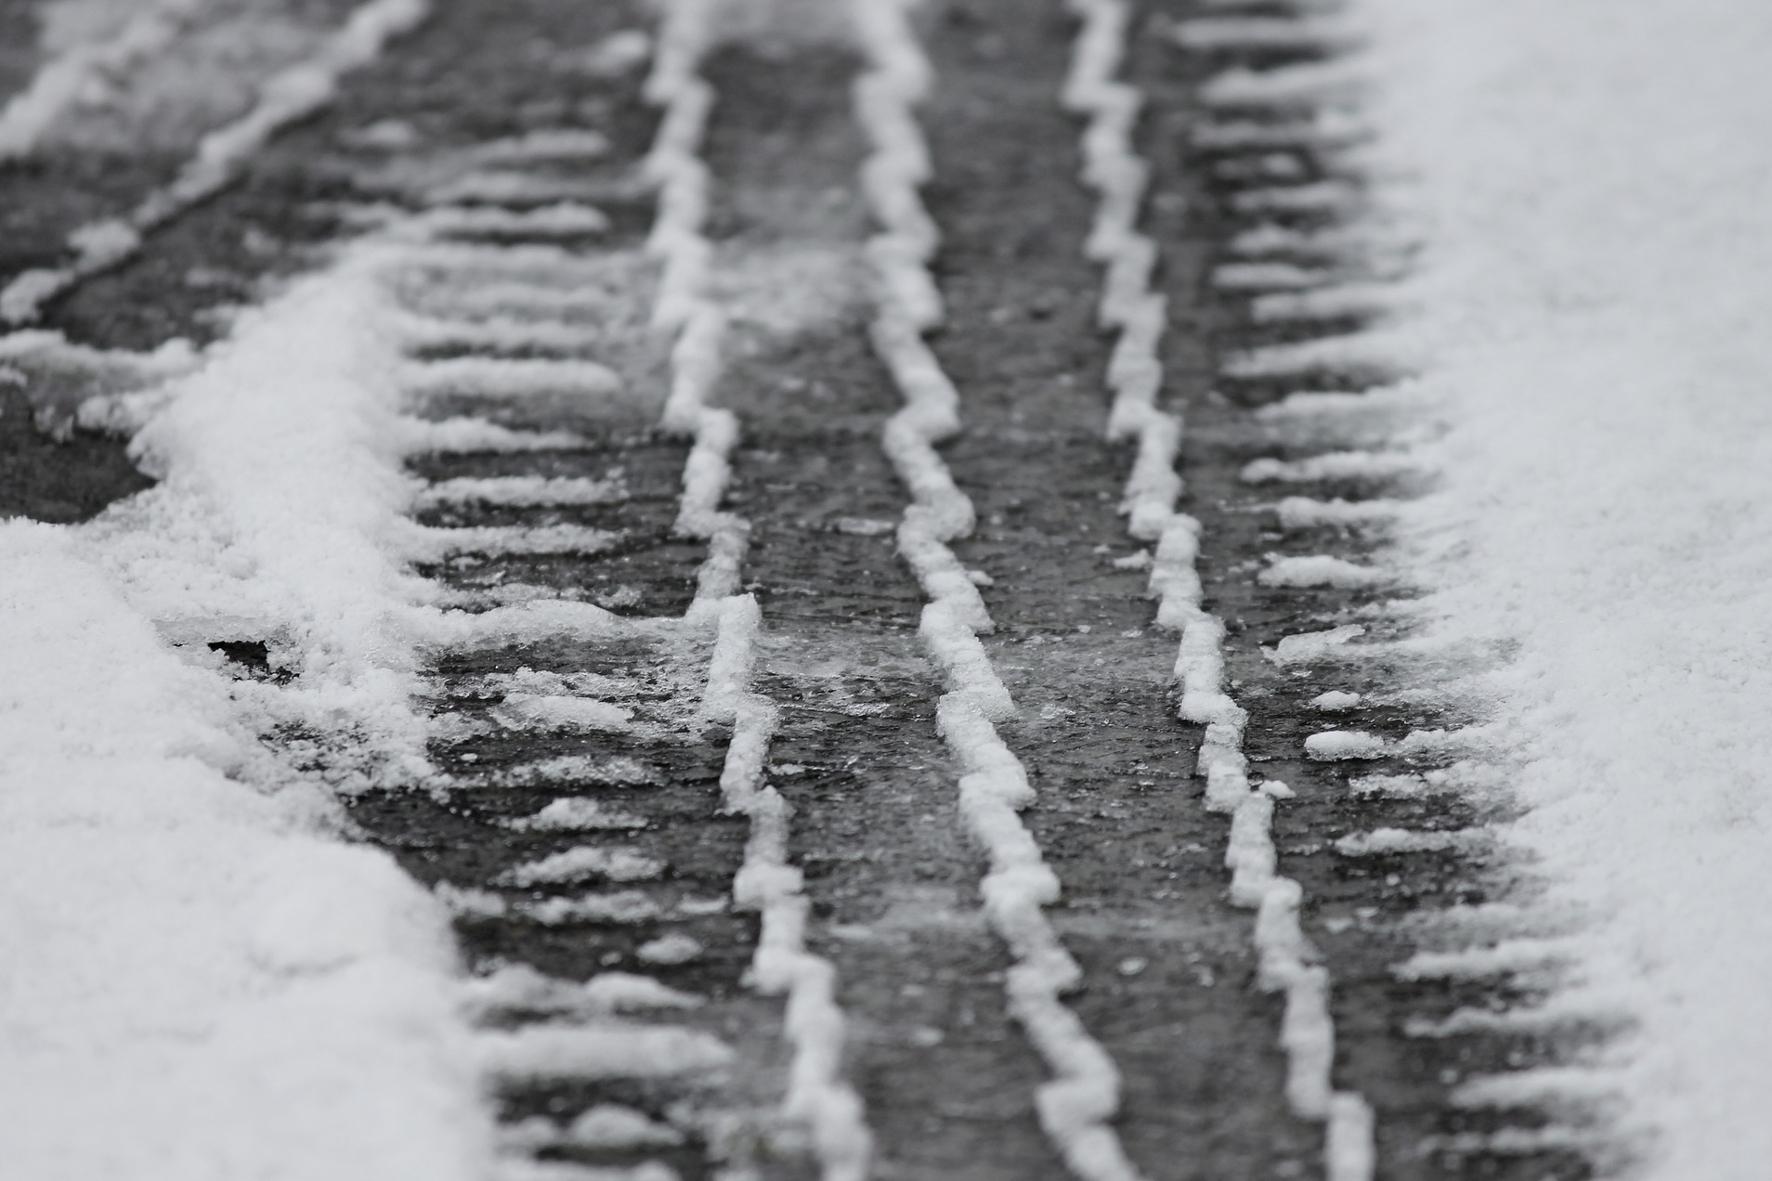 mid Groß-Gerau - Spuren im Schnee: Mit Winterreifen sind Autofahrer auf der sicheren Seite. Sie müssen aber auch das den Gummis zugeordnete Tempolimit beachten. Coduka